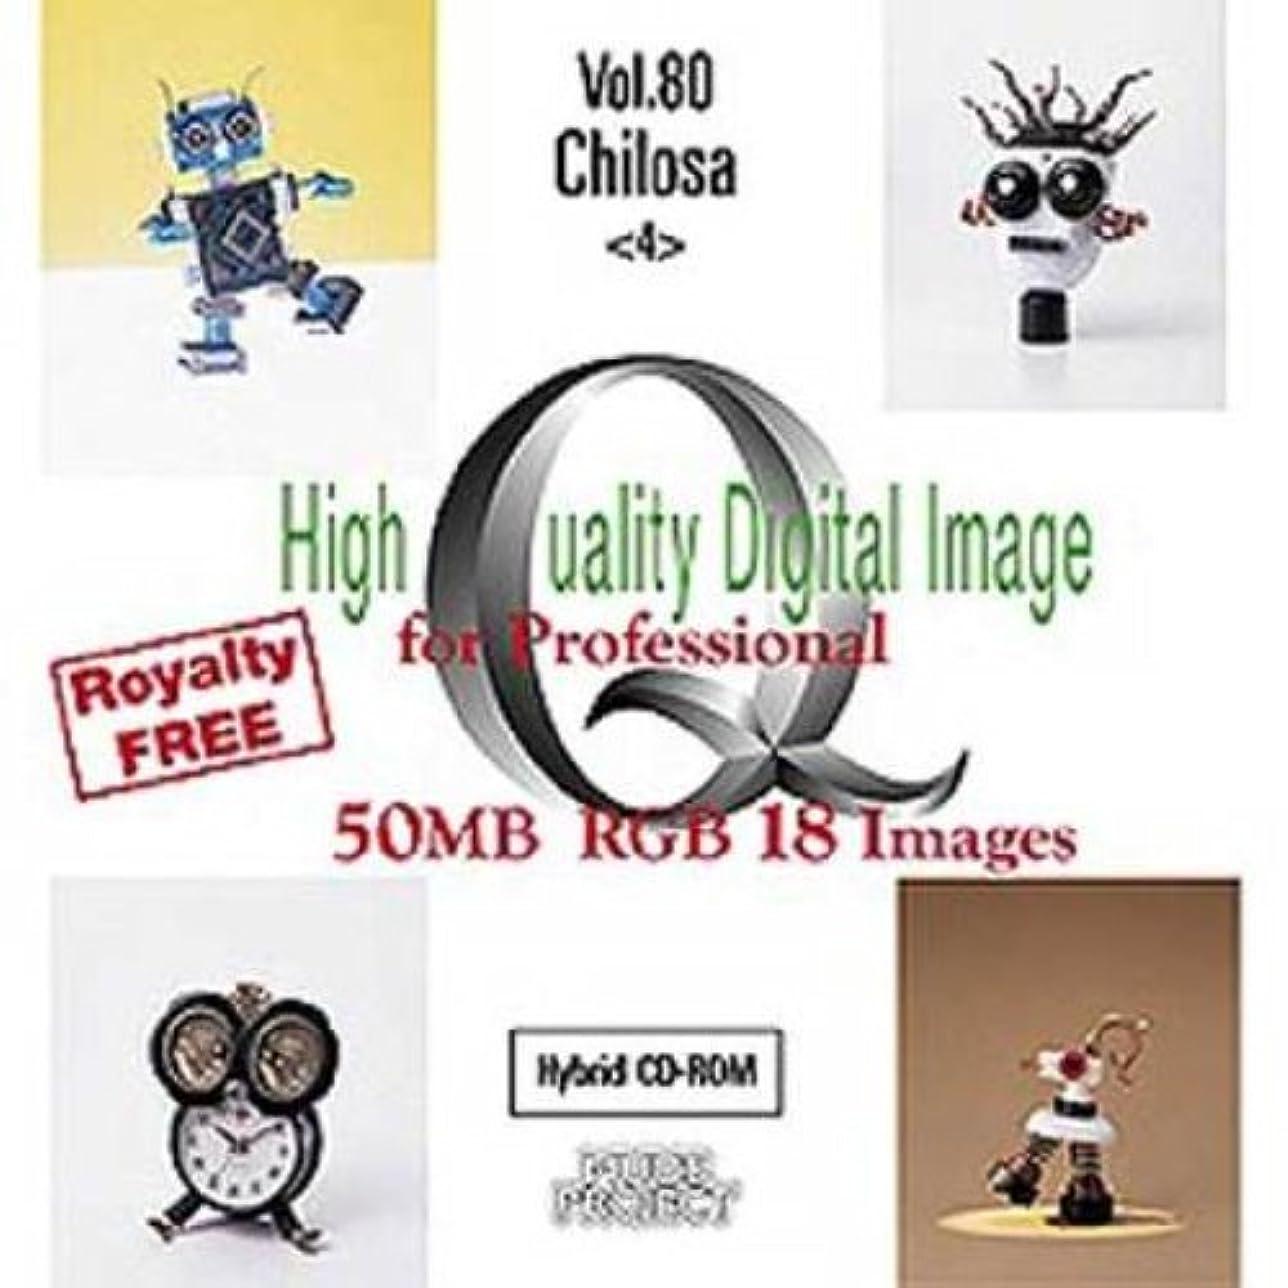 わずらわしい複雑でない郵便屋さんHigh Quality Digital Image for Professional Chilosa<4>